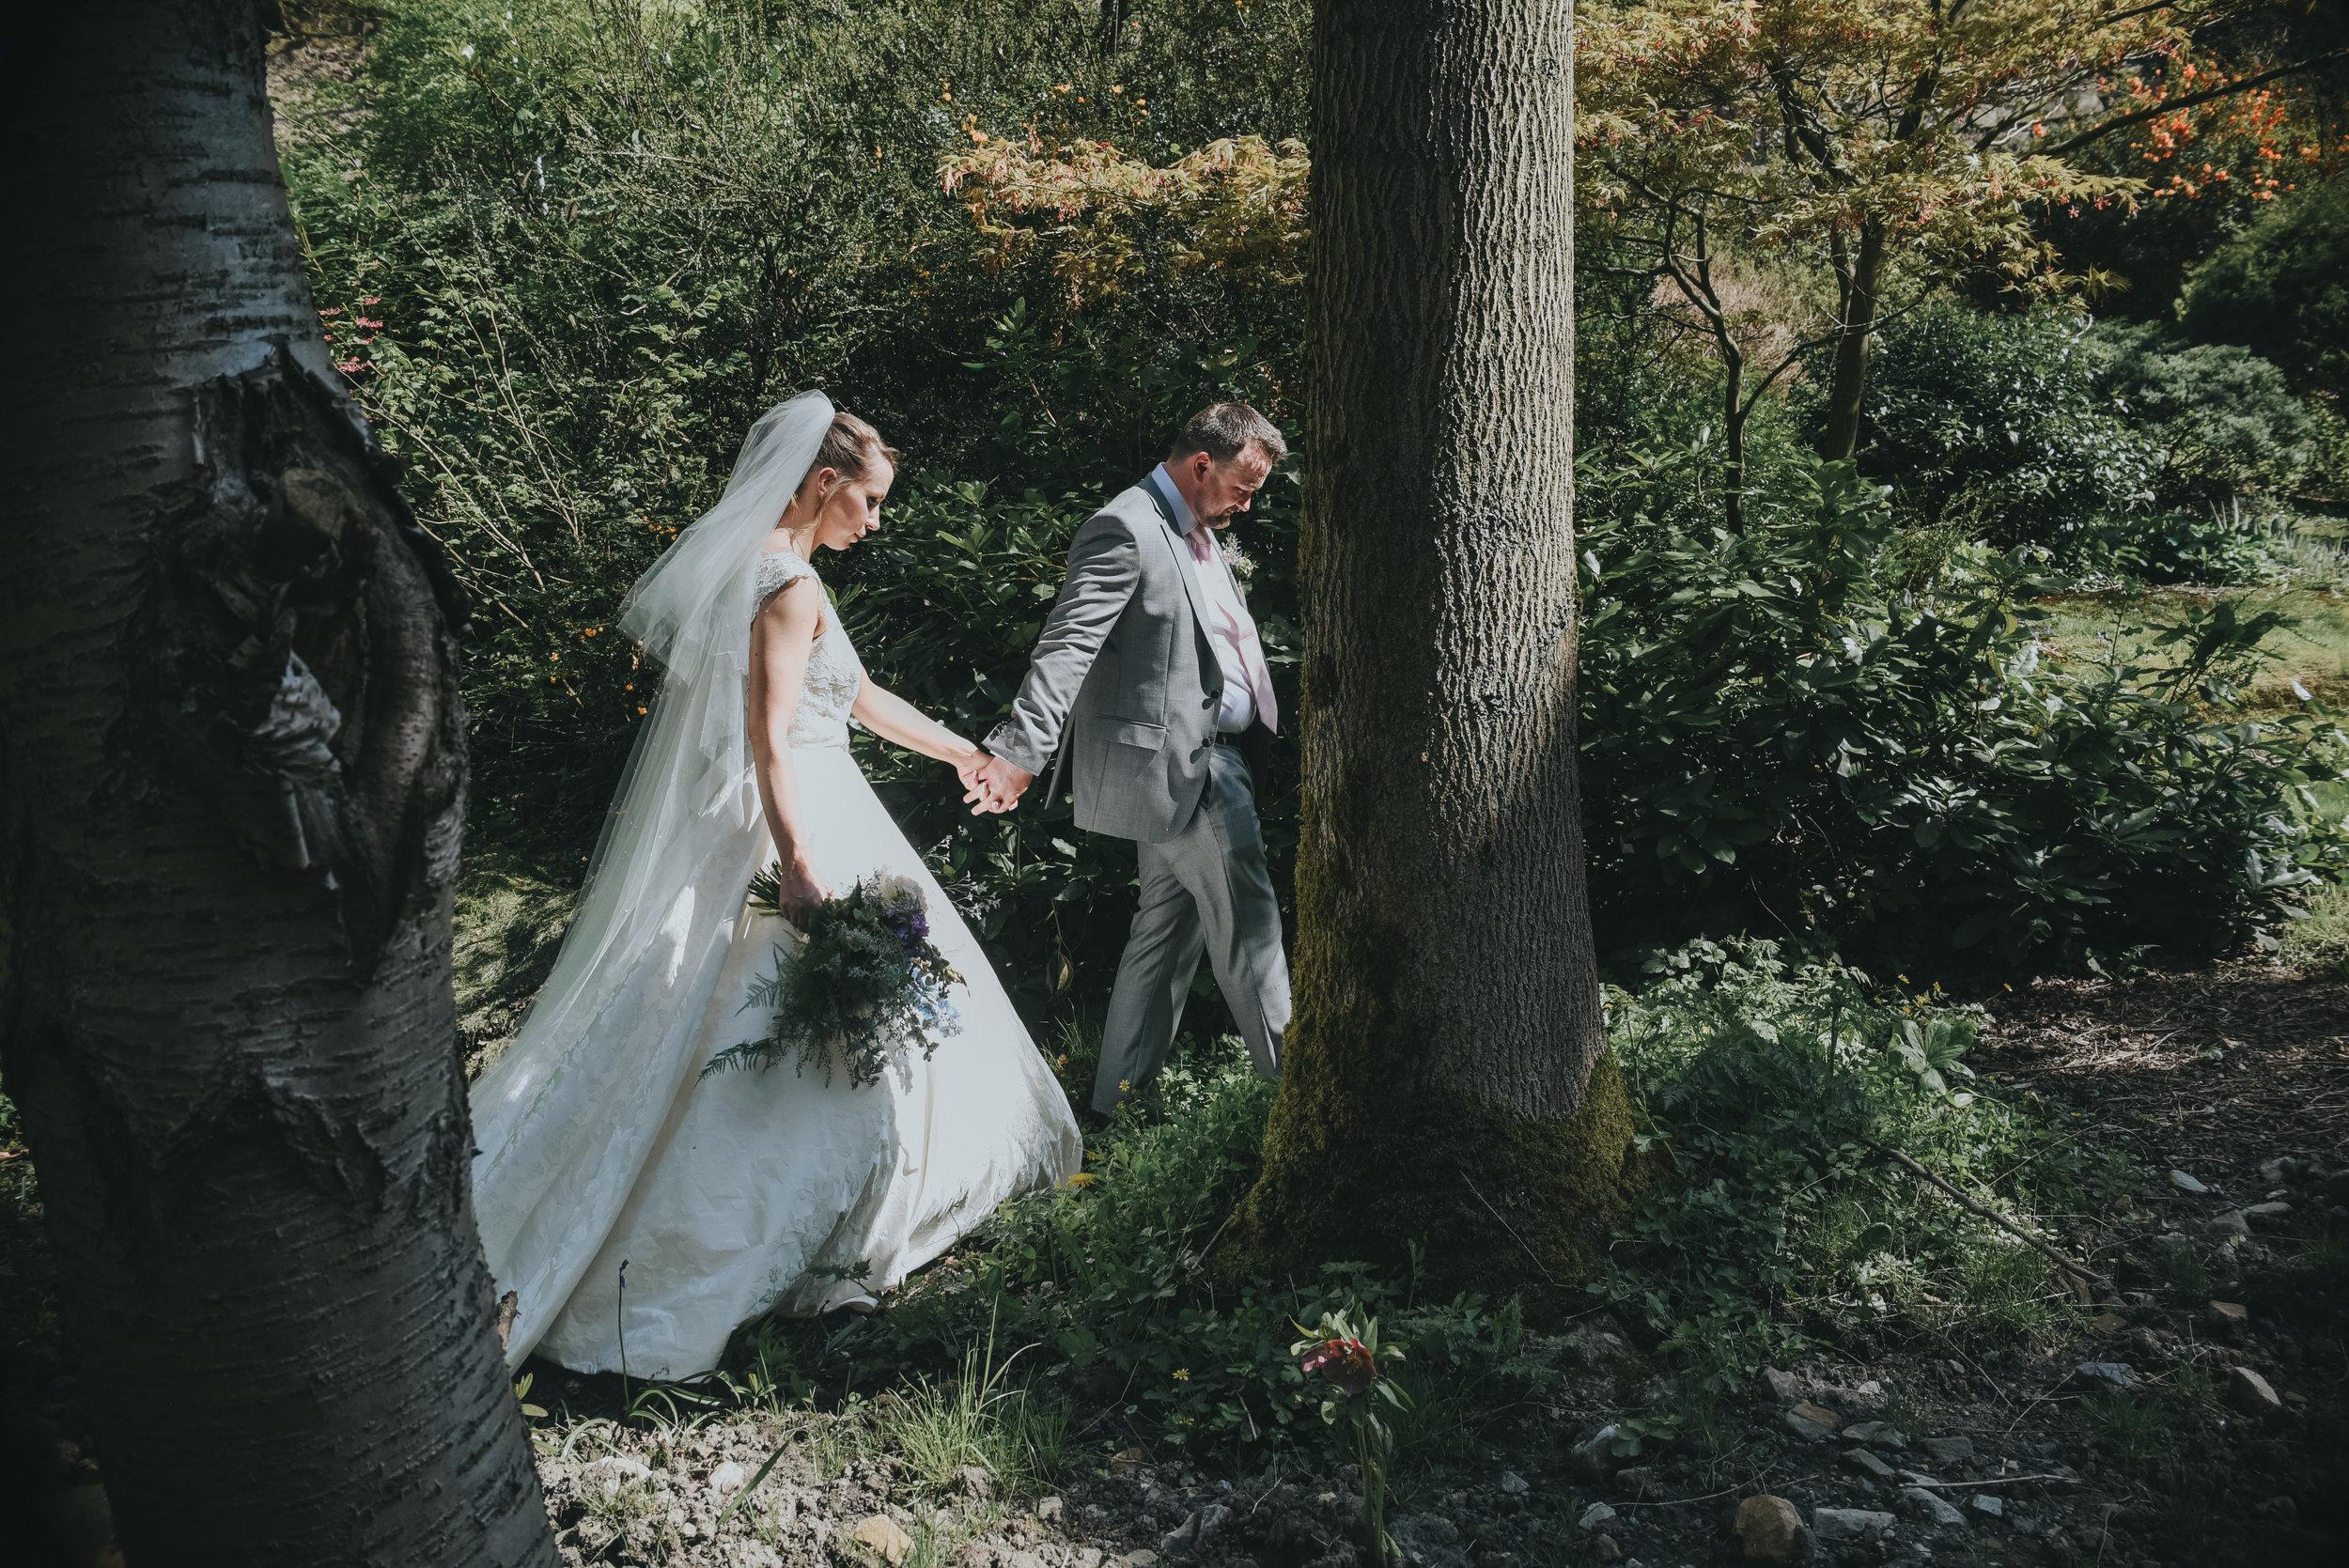 bride and groom walking between trees